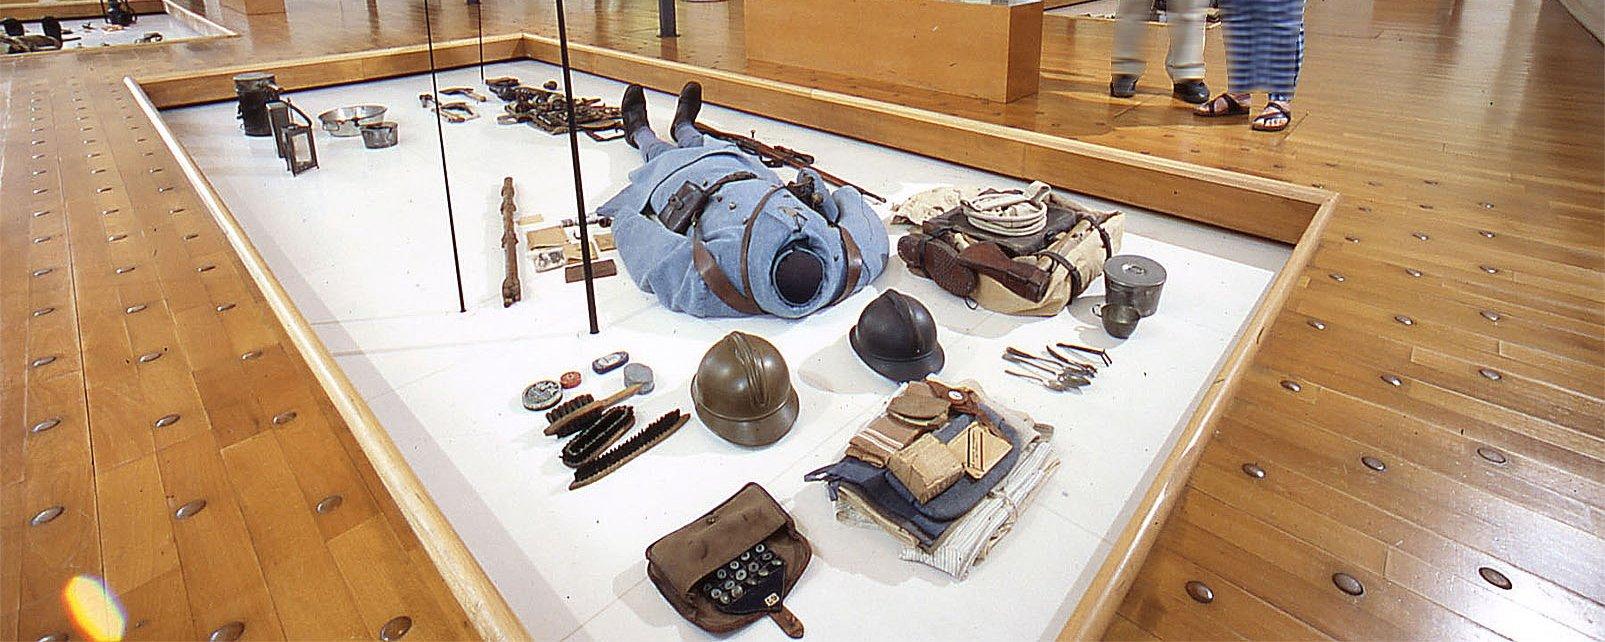 , El Historial de la Gran Guerra, Arte y cultura, Picardía